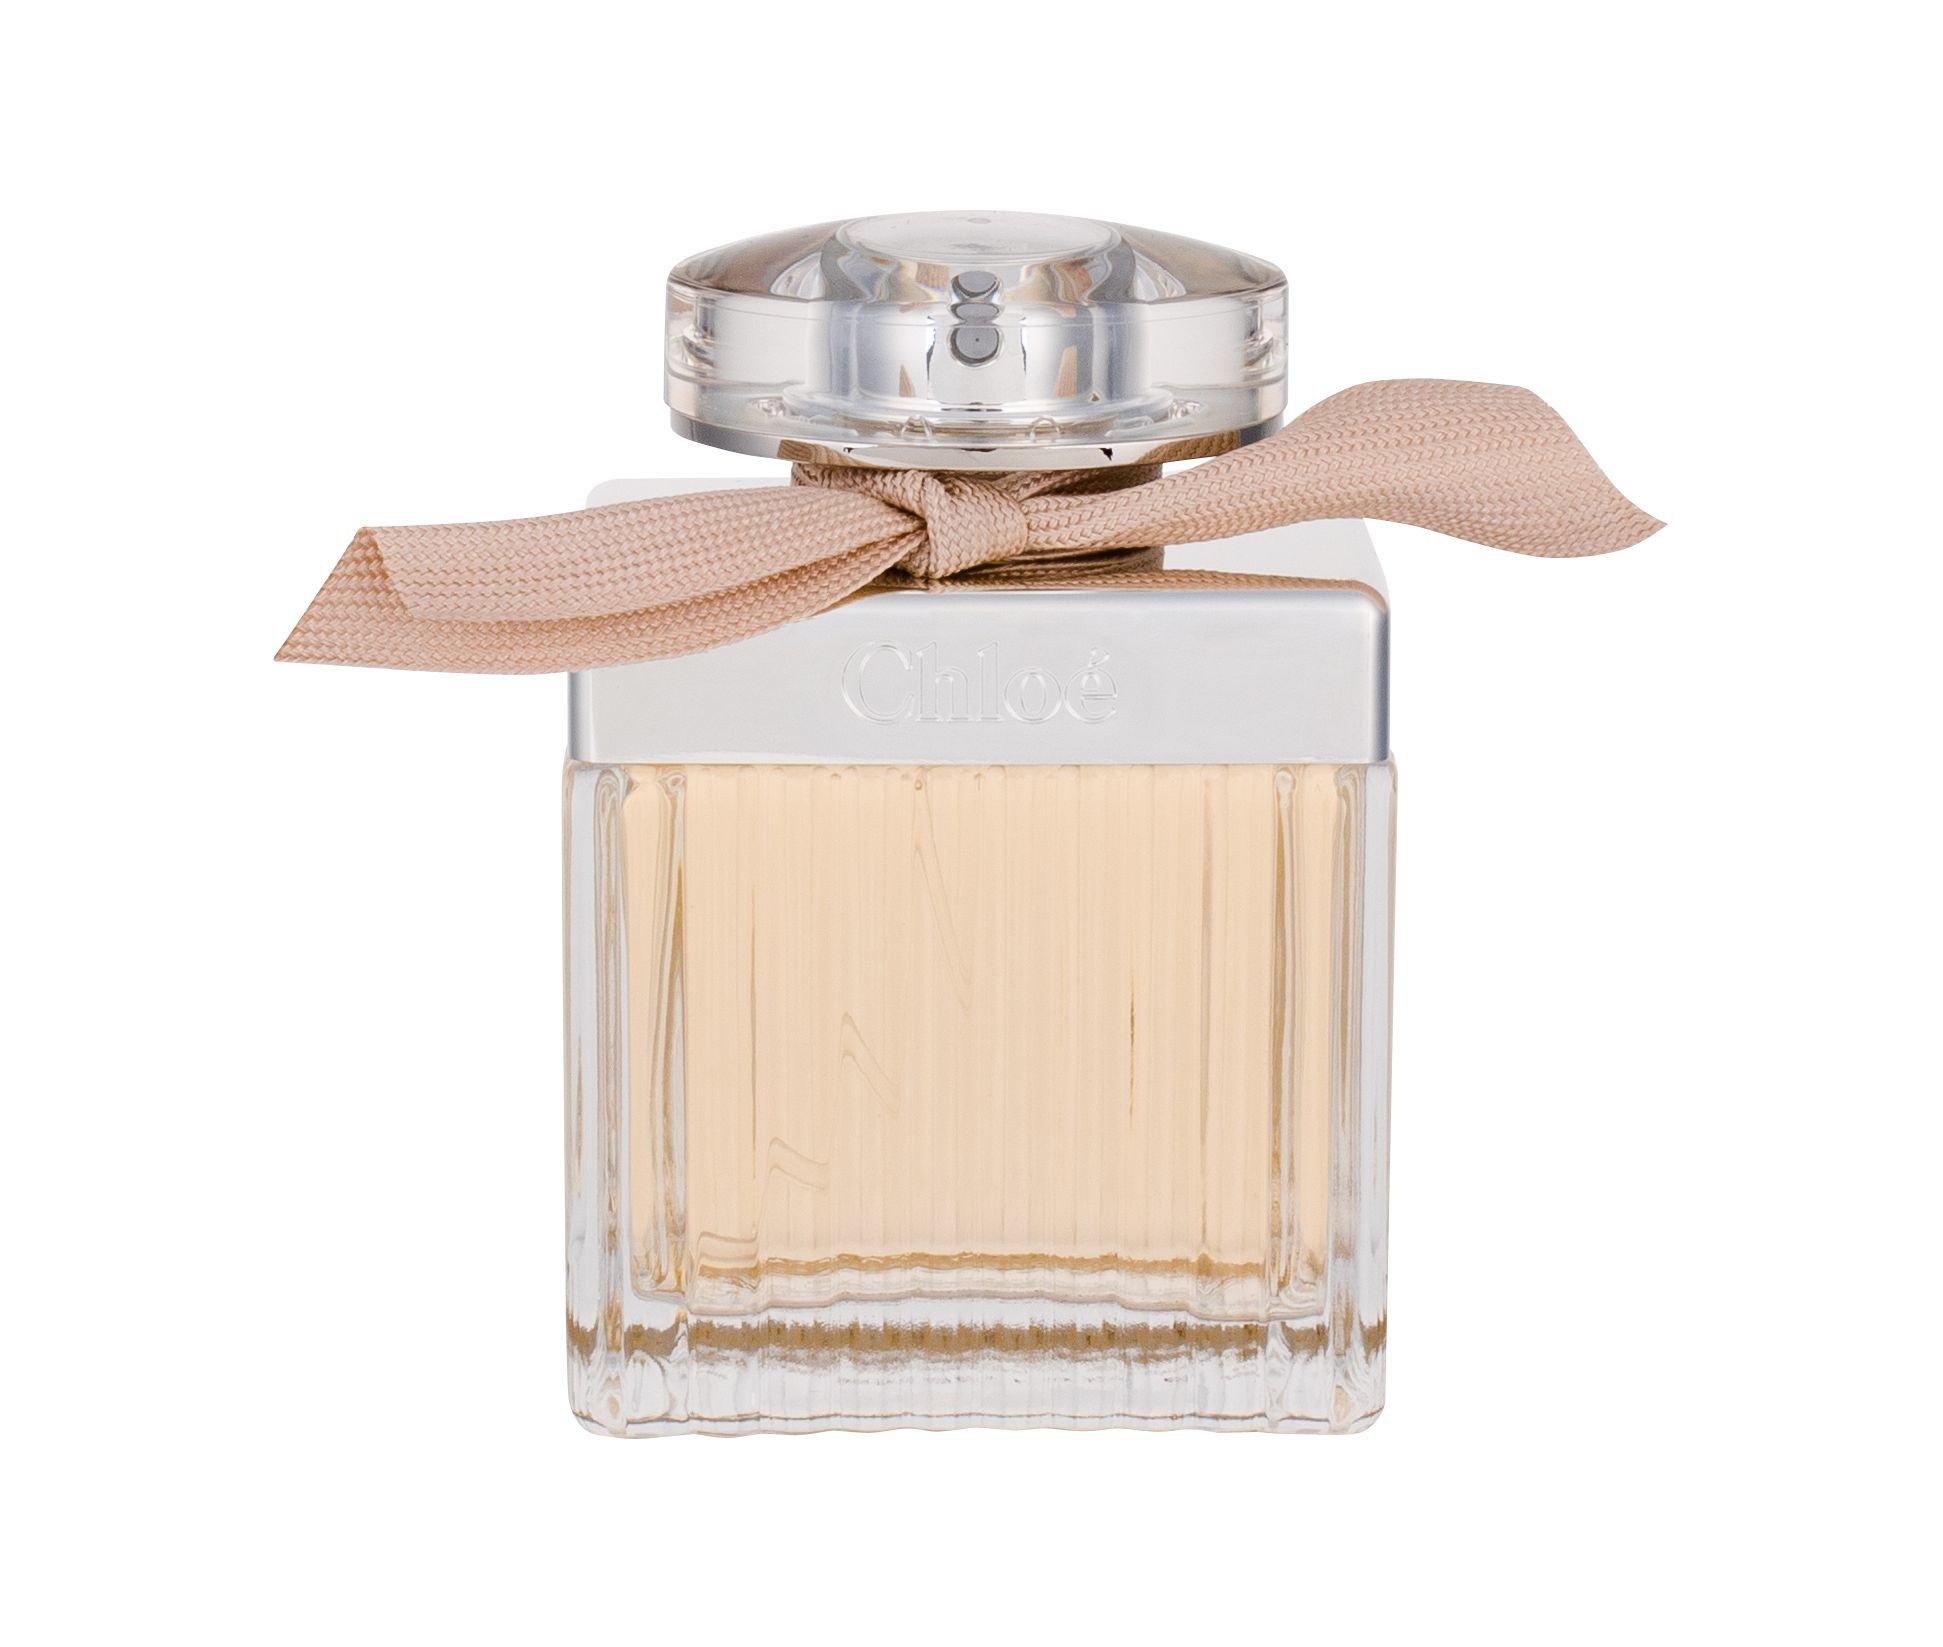 Chloe Chloe Eau de Parfum 75ml